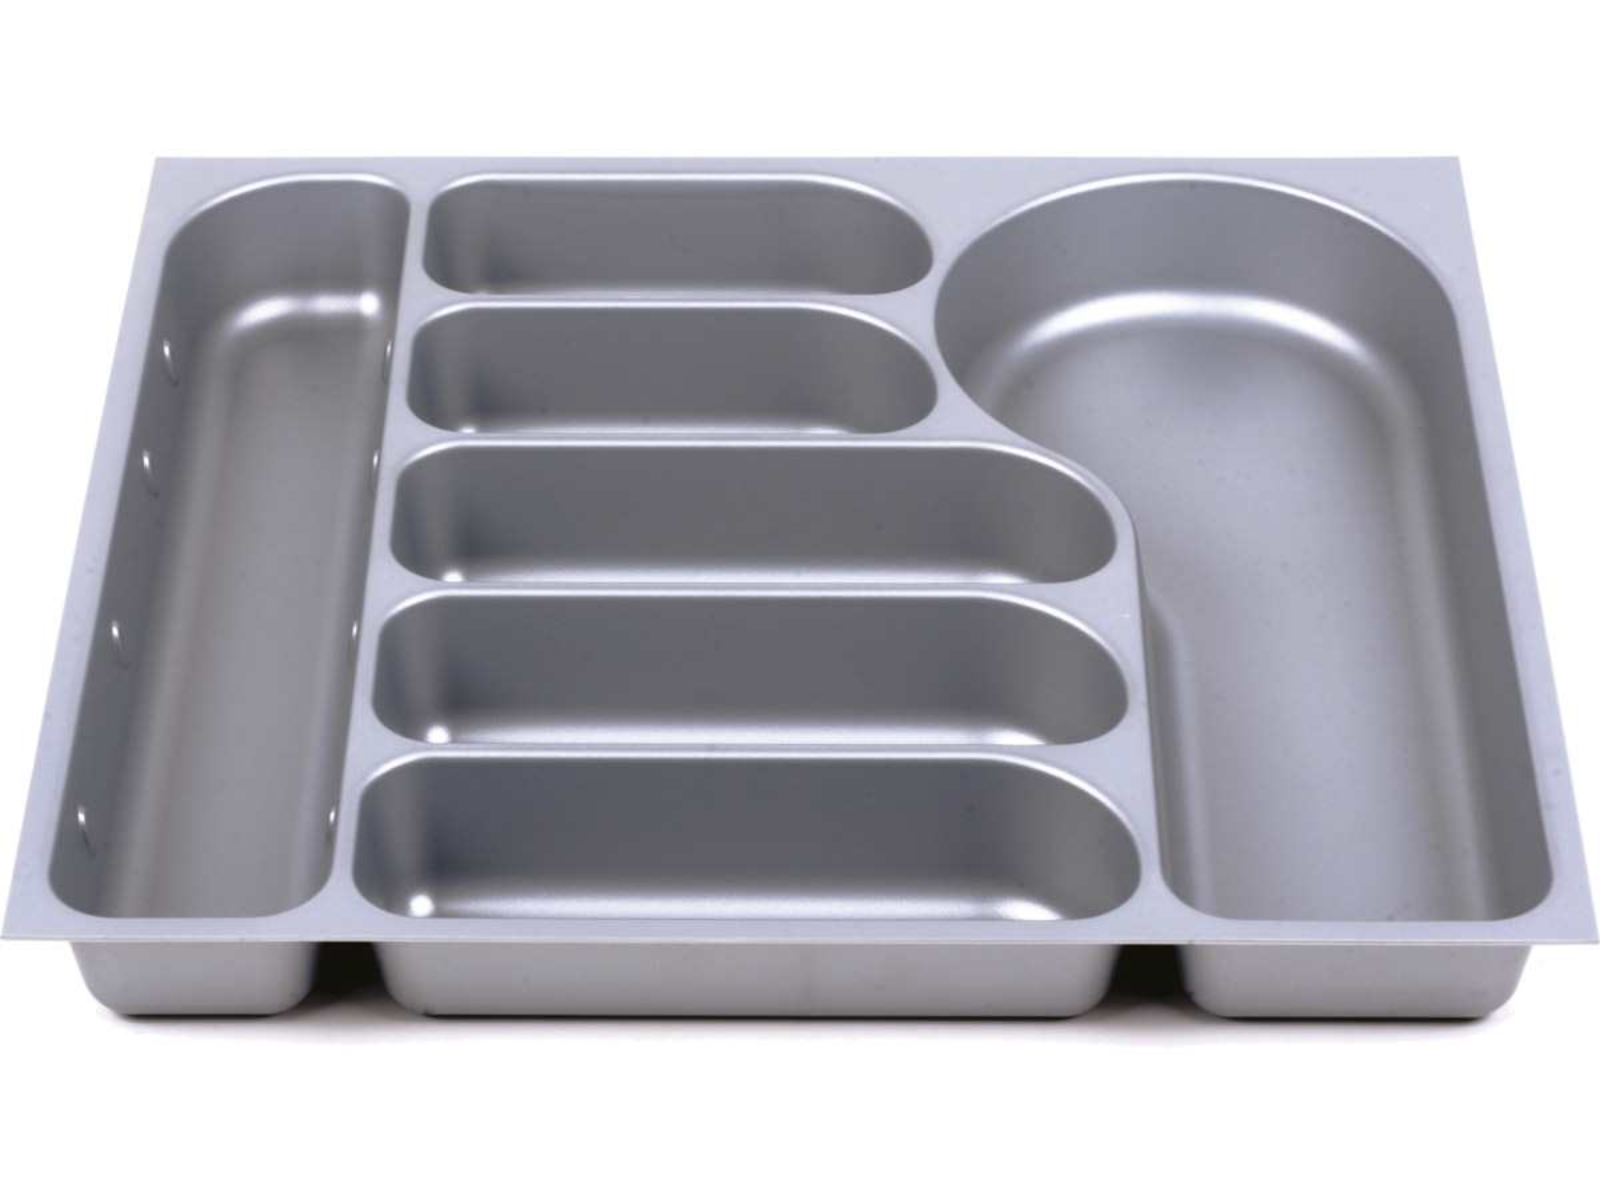 berghoff 7200024 g16 kunststoff schubkasteneinsatz f r 12. Black Bedroom Furniture Sets. Home Design Ideas